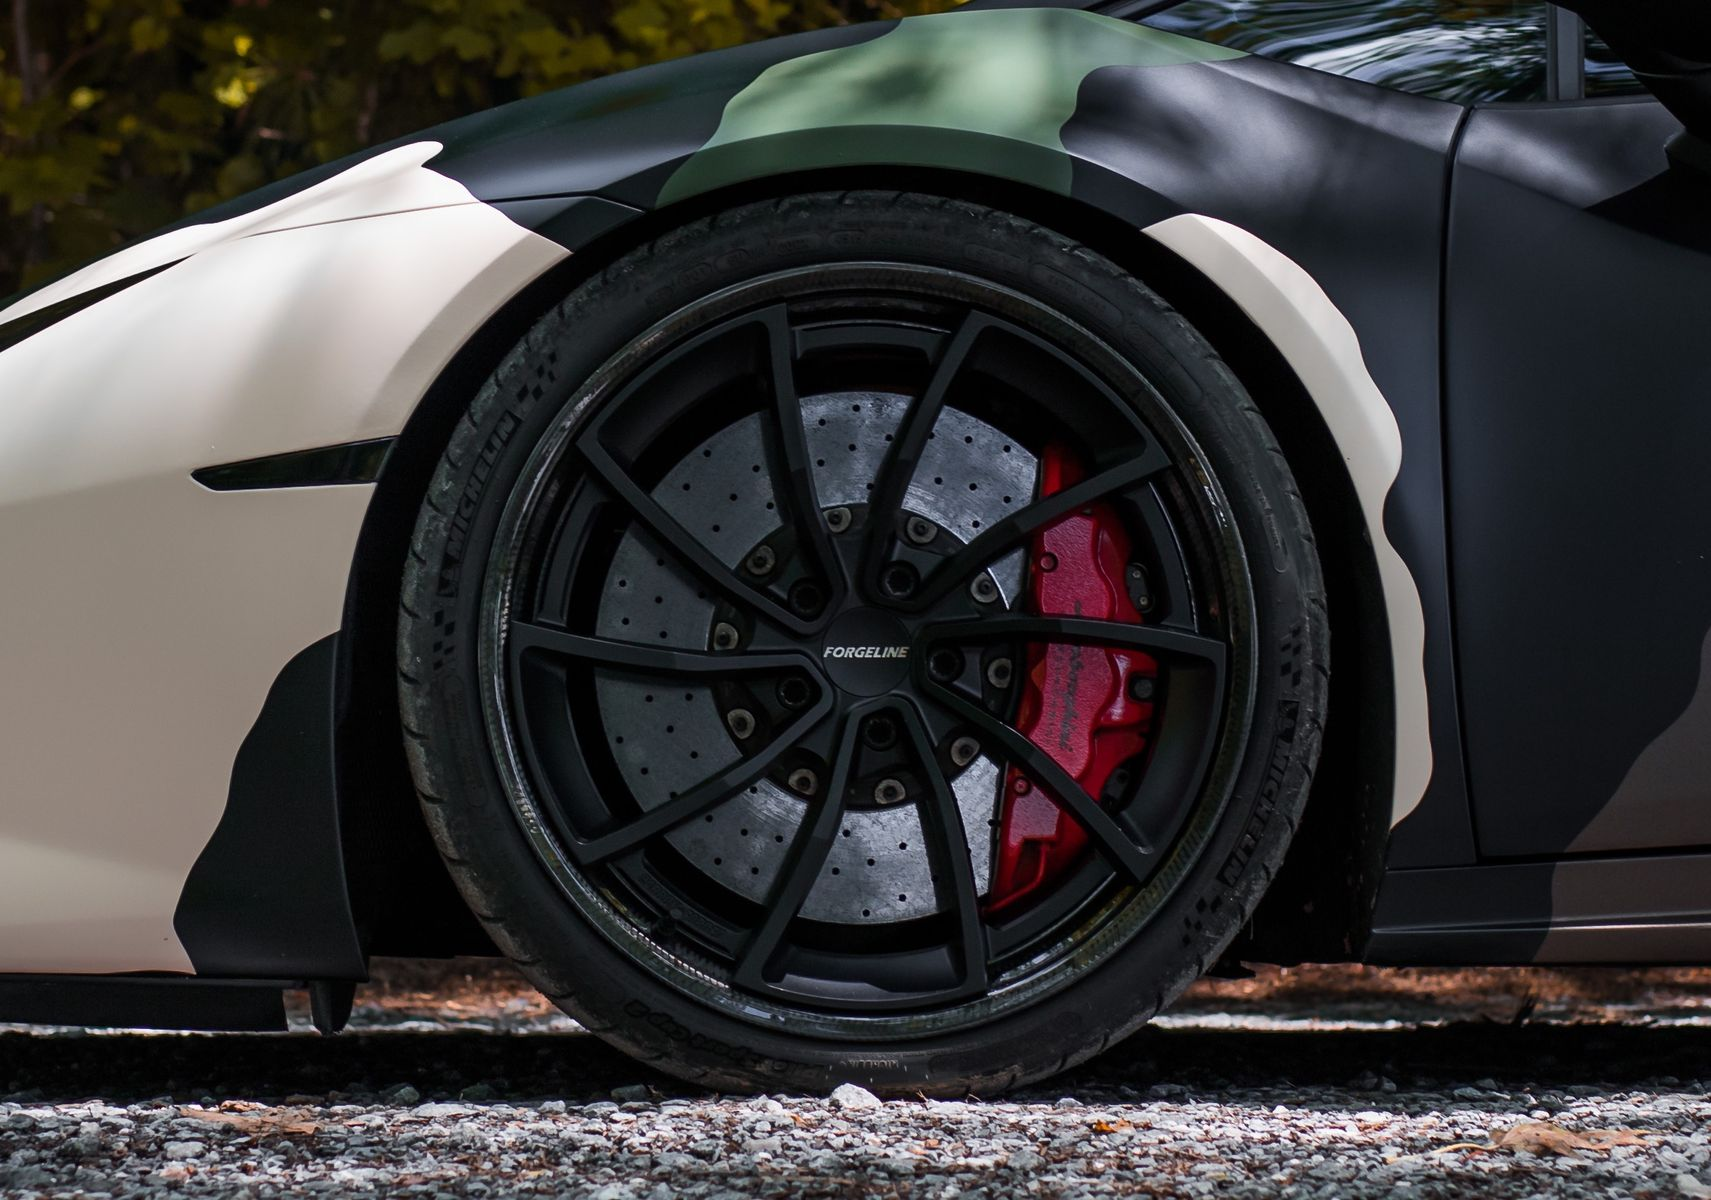 2016 Lamborghini Huracan | Atlanta Custom Wraps' Camo-Wrapped Lamborghini Huracan on Forgeline Carbon+Forged CF202 Wheels